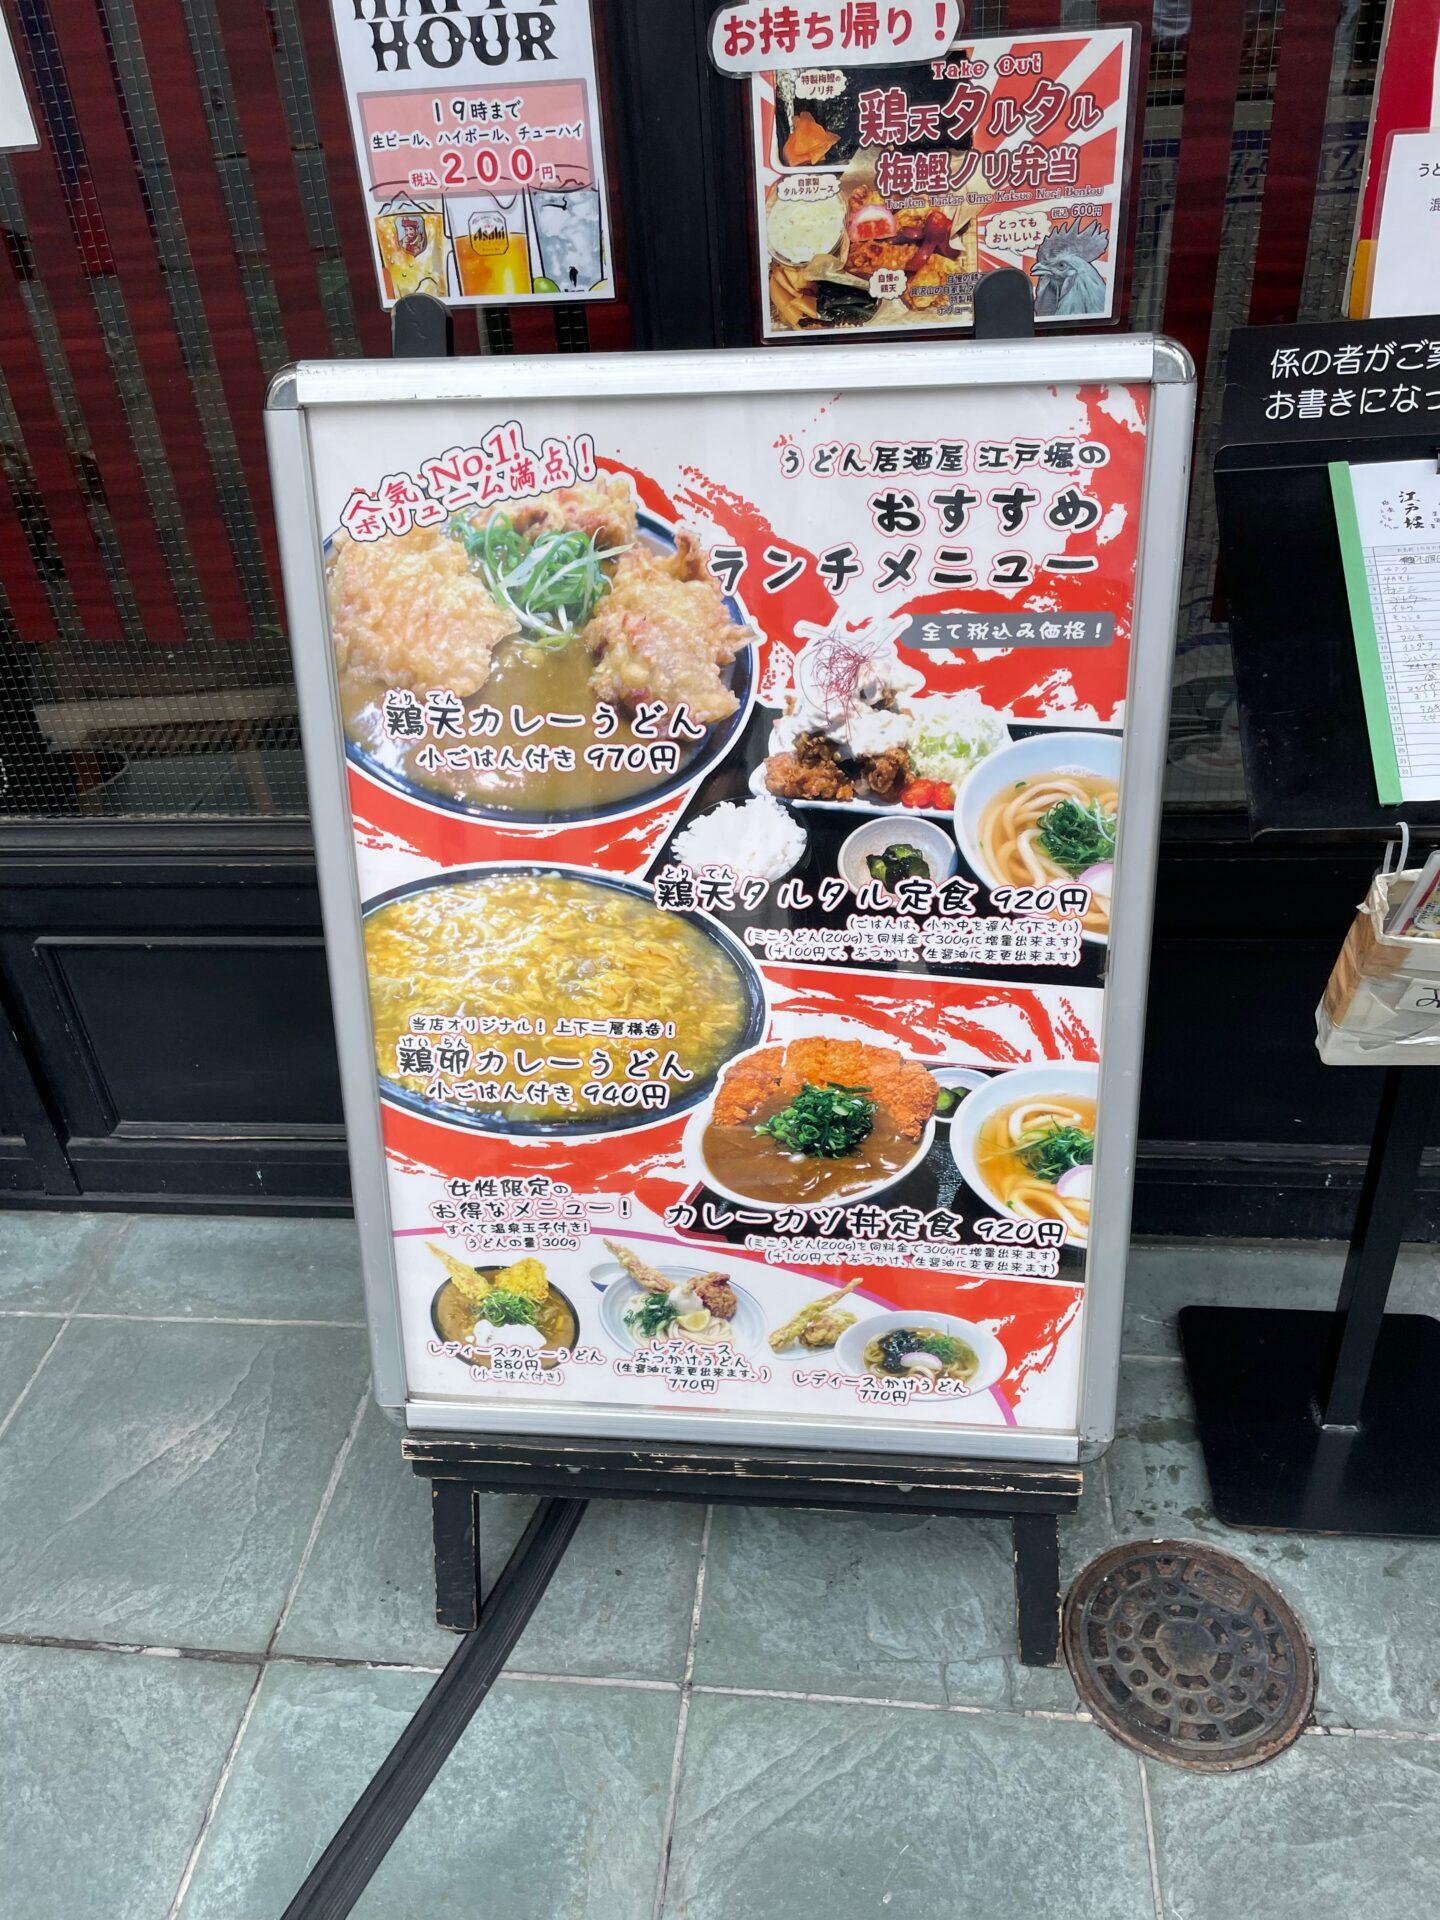 うどん居酒屋 江戸堀 店前 メニュー